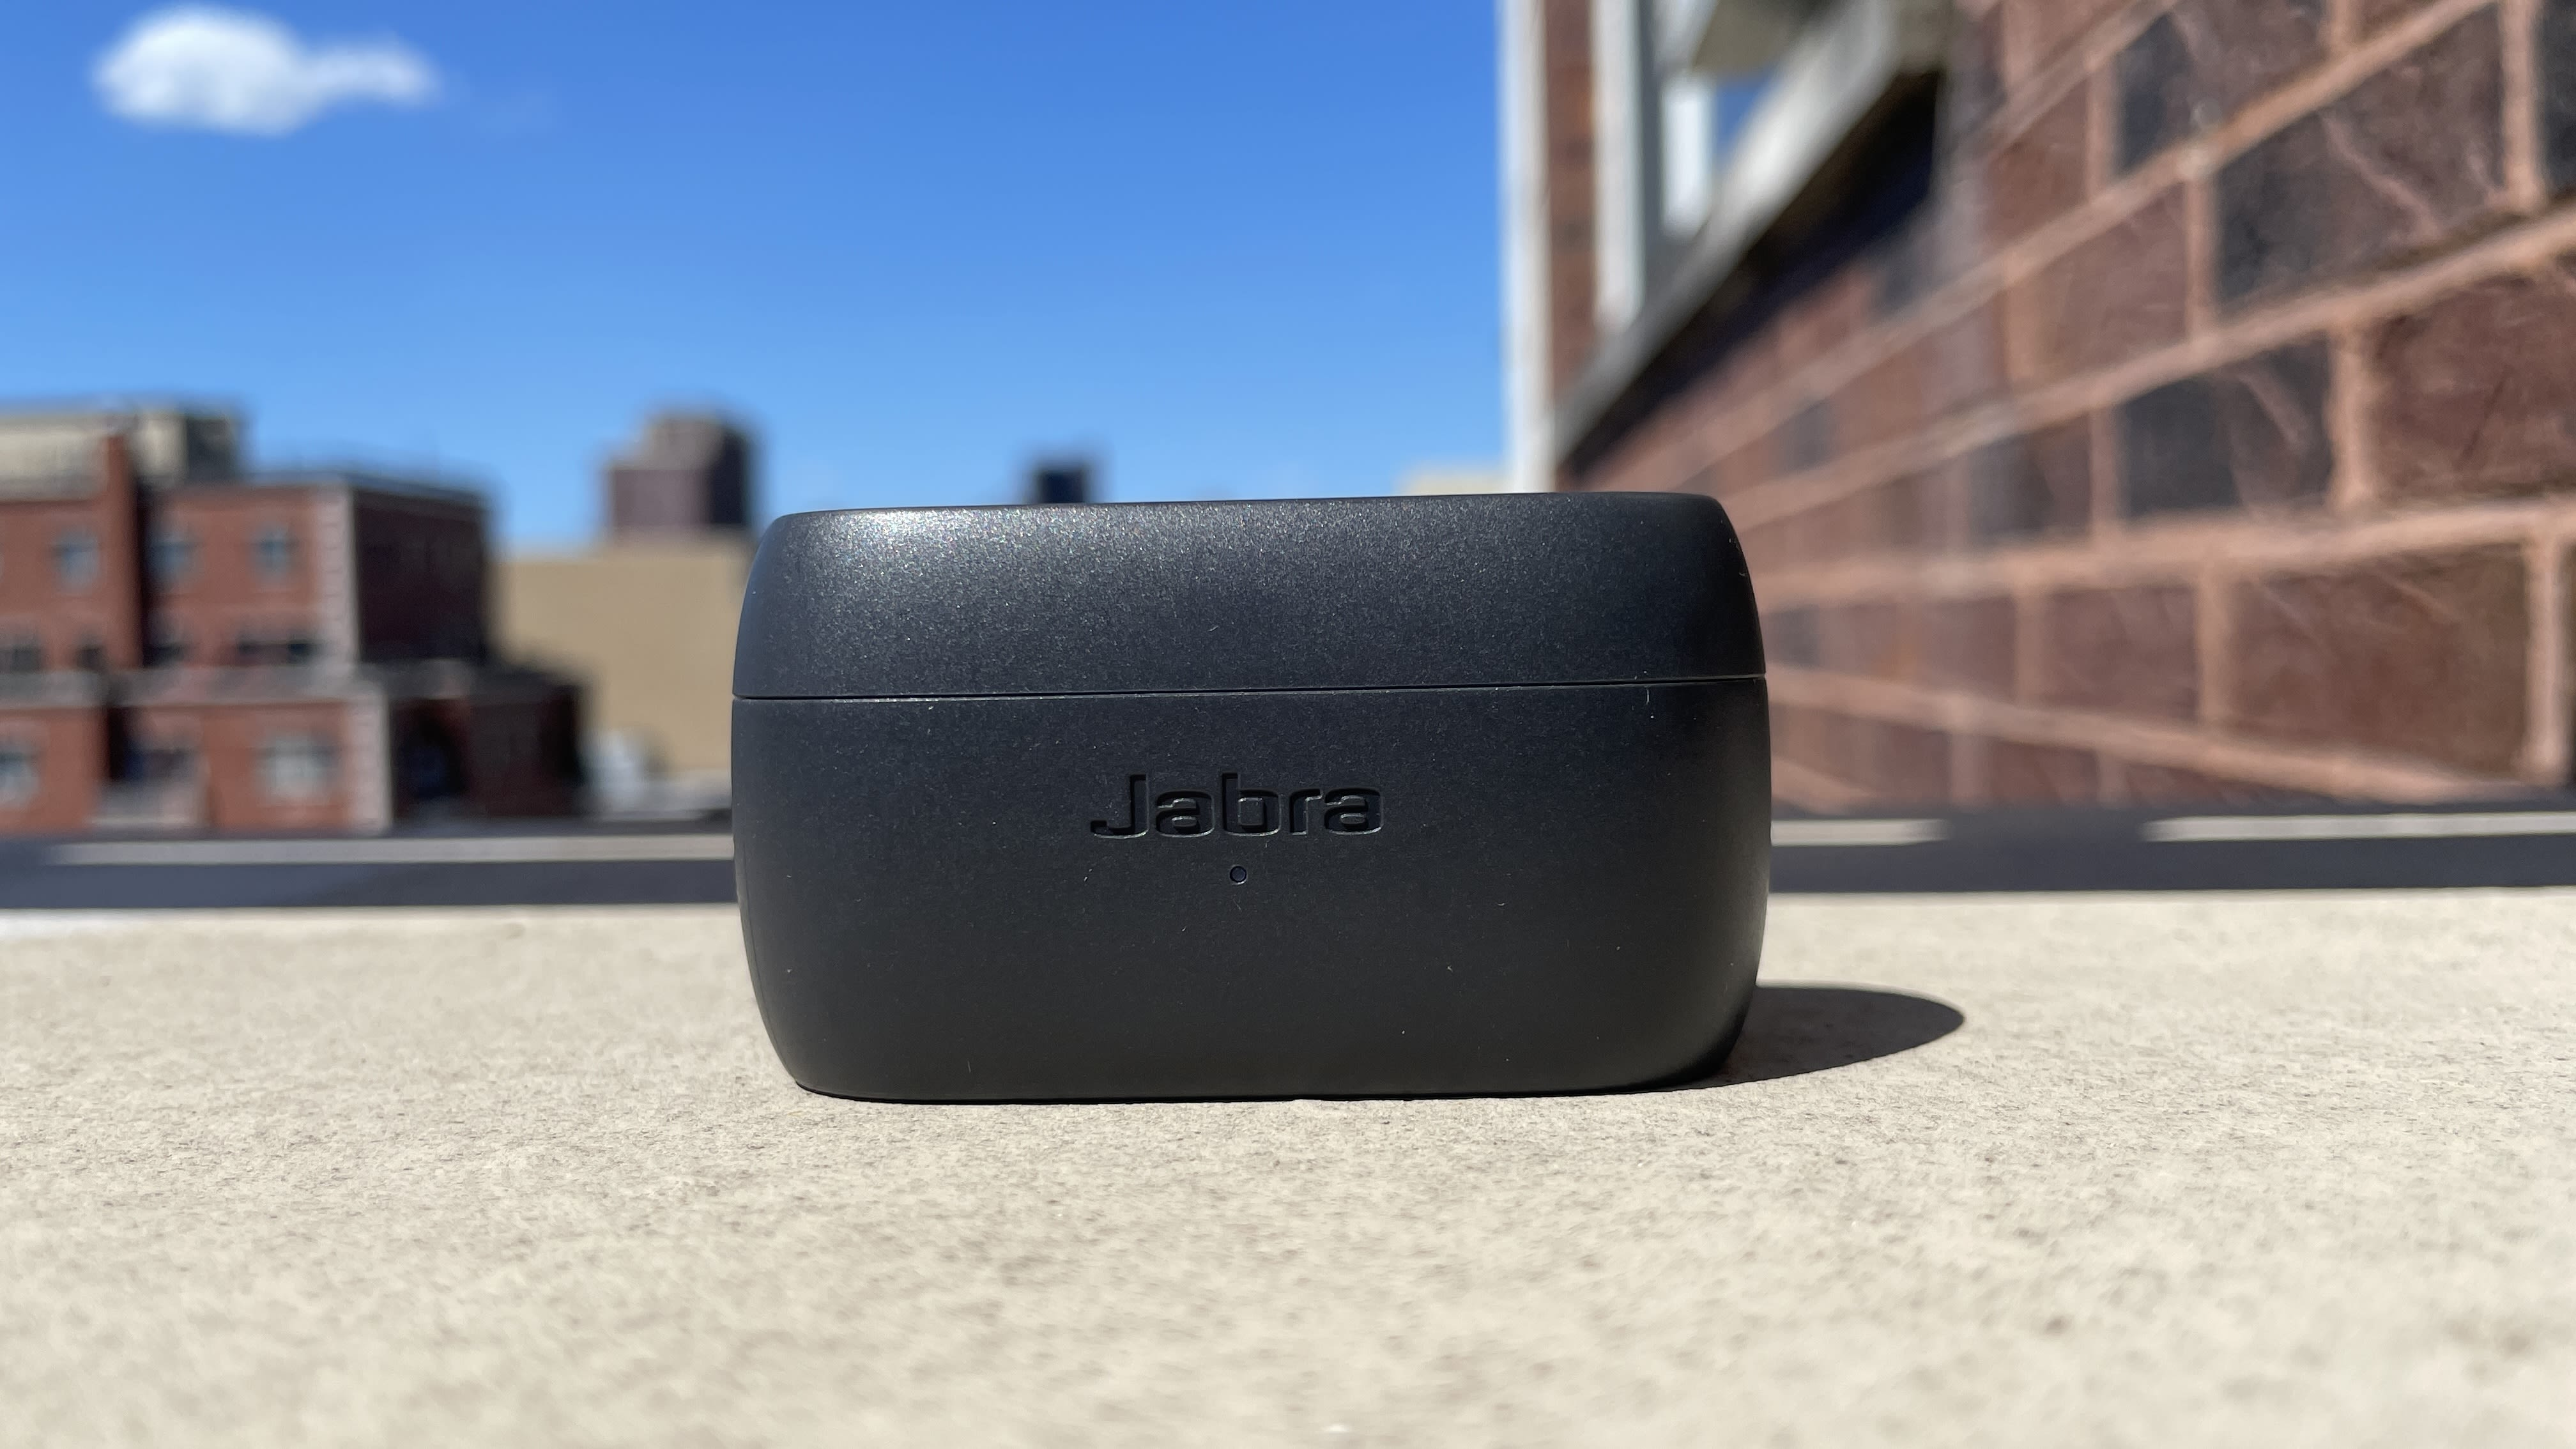 https://media.cnn.com/api/v1/images/stellar/prod/210907131404-jabra-elite-3-review-charging-case.jpg